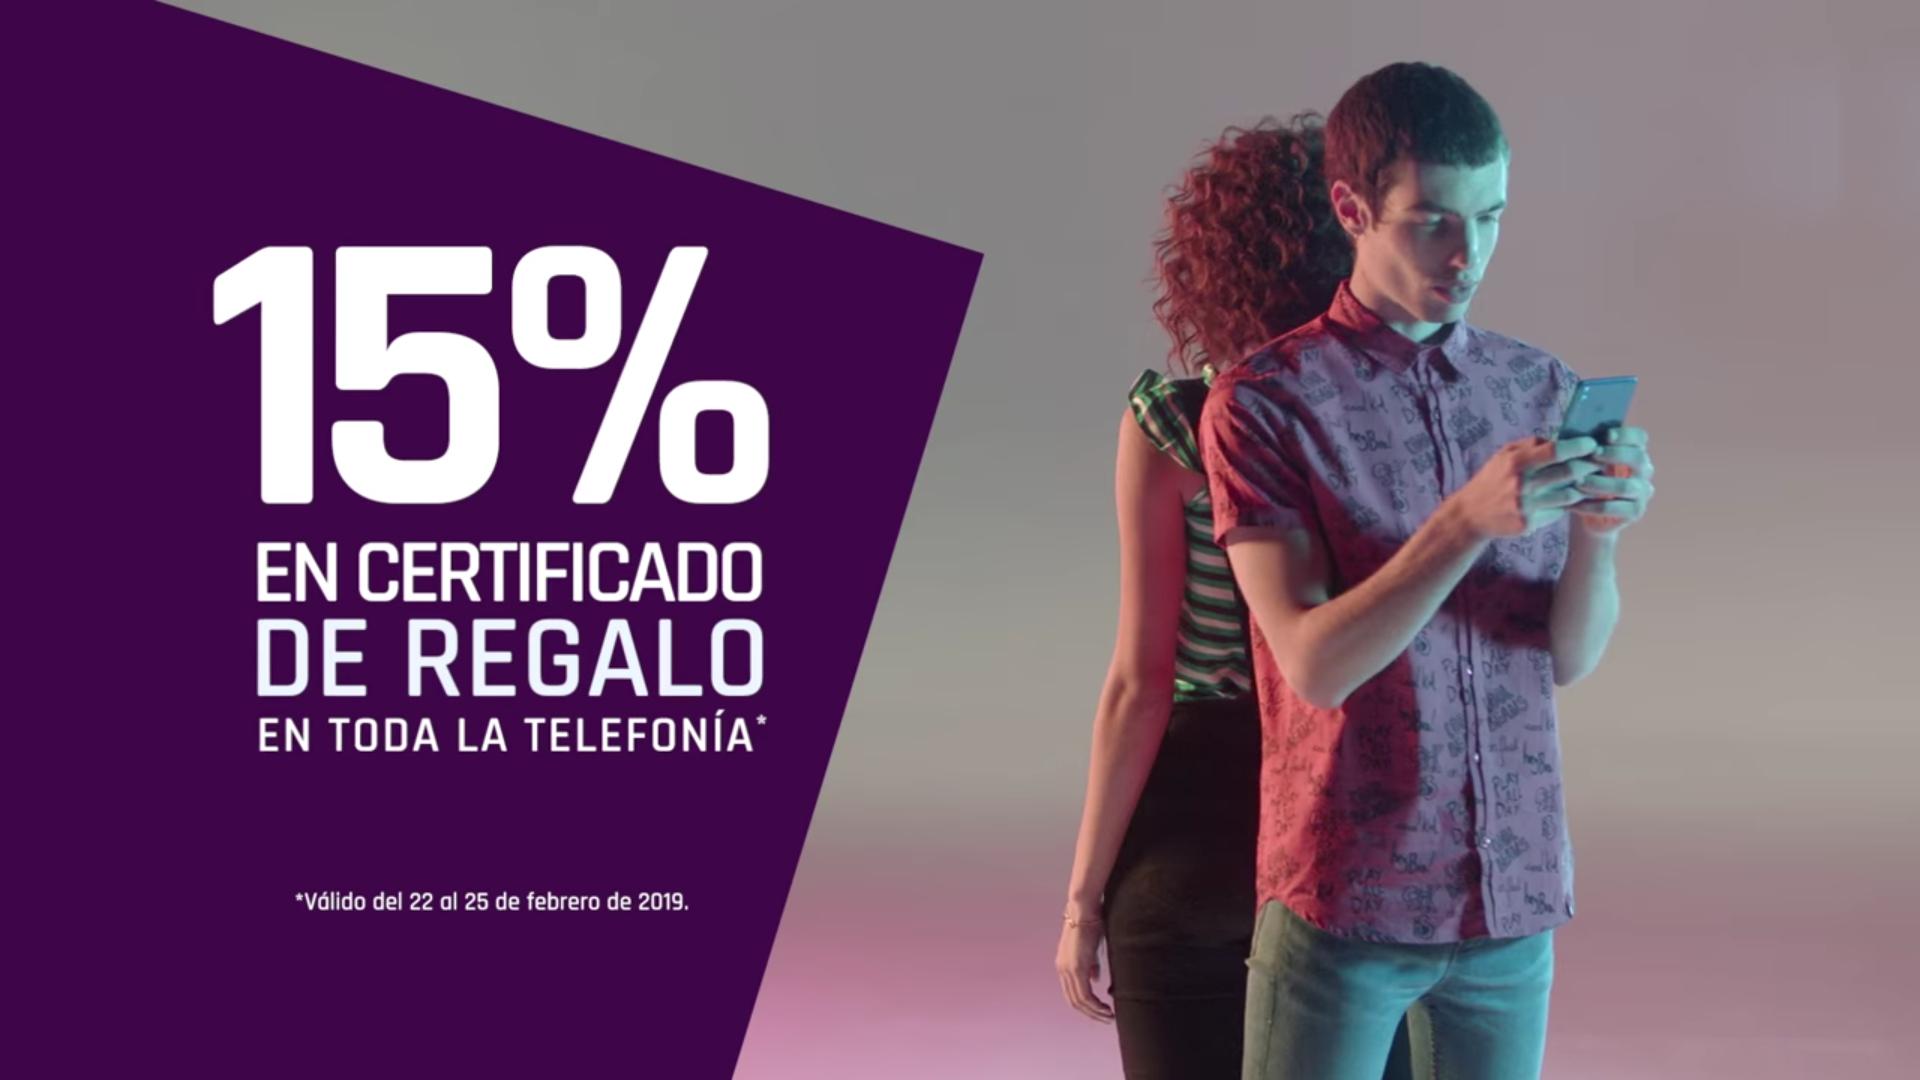 Suburbia: 15% en certificado de regalo en toda la telefonía